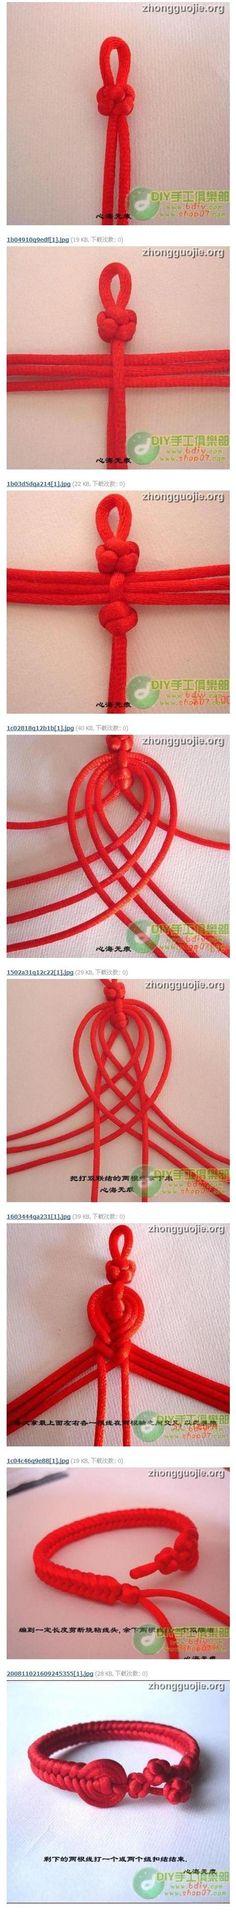 DIY Lucky Knot Bracelet DIY Projects / UsefulDIY.com on imgfave